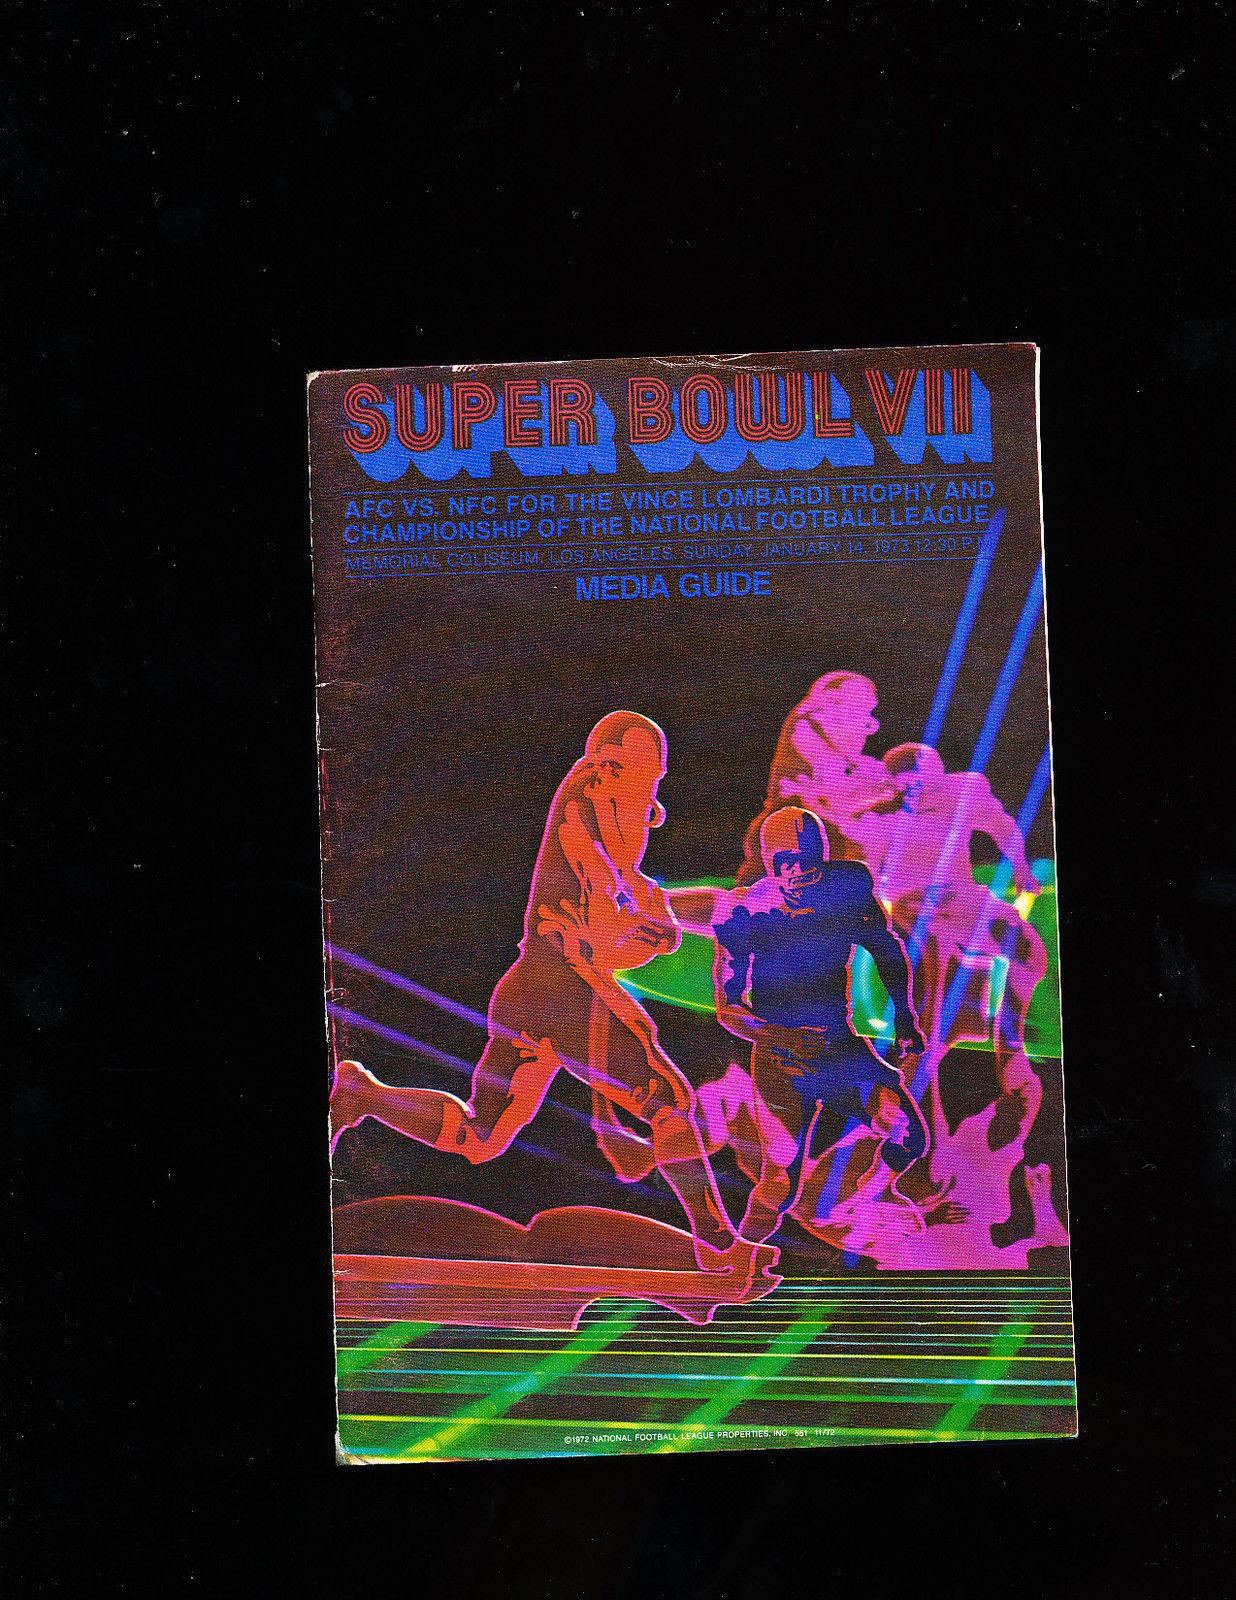 Superbowl VII Press Media Guide Dolphins vs Redskins